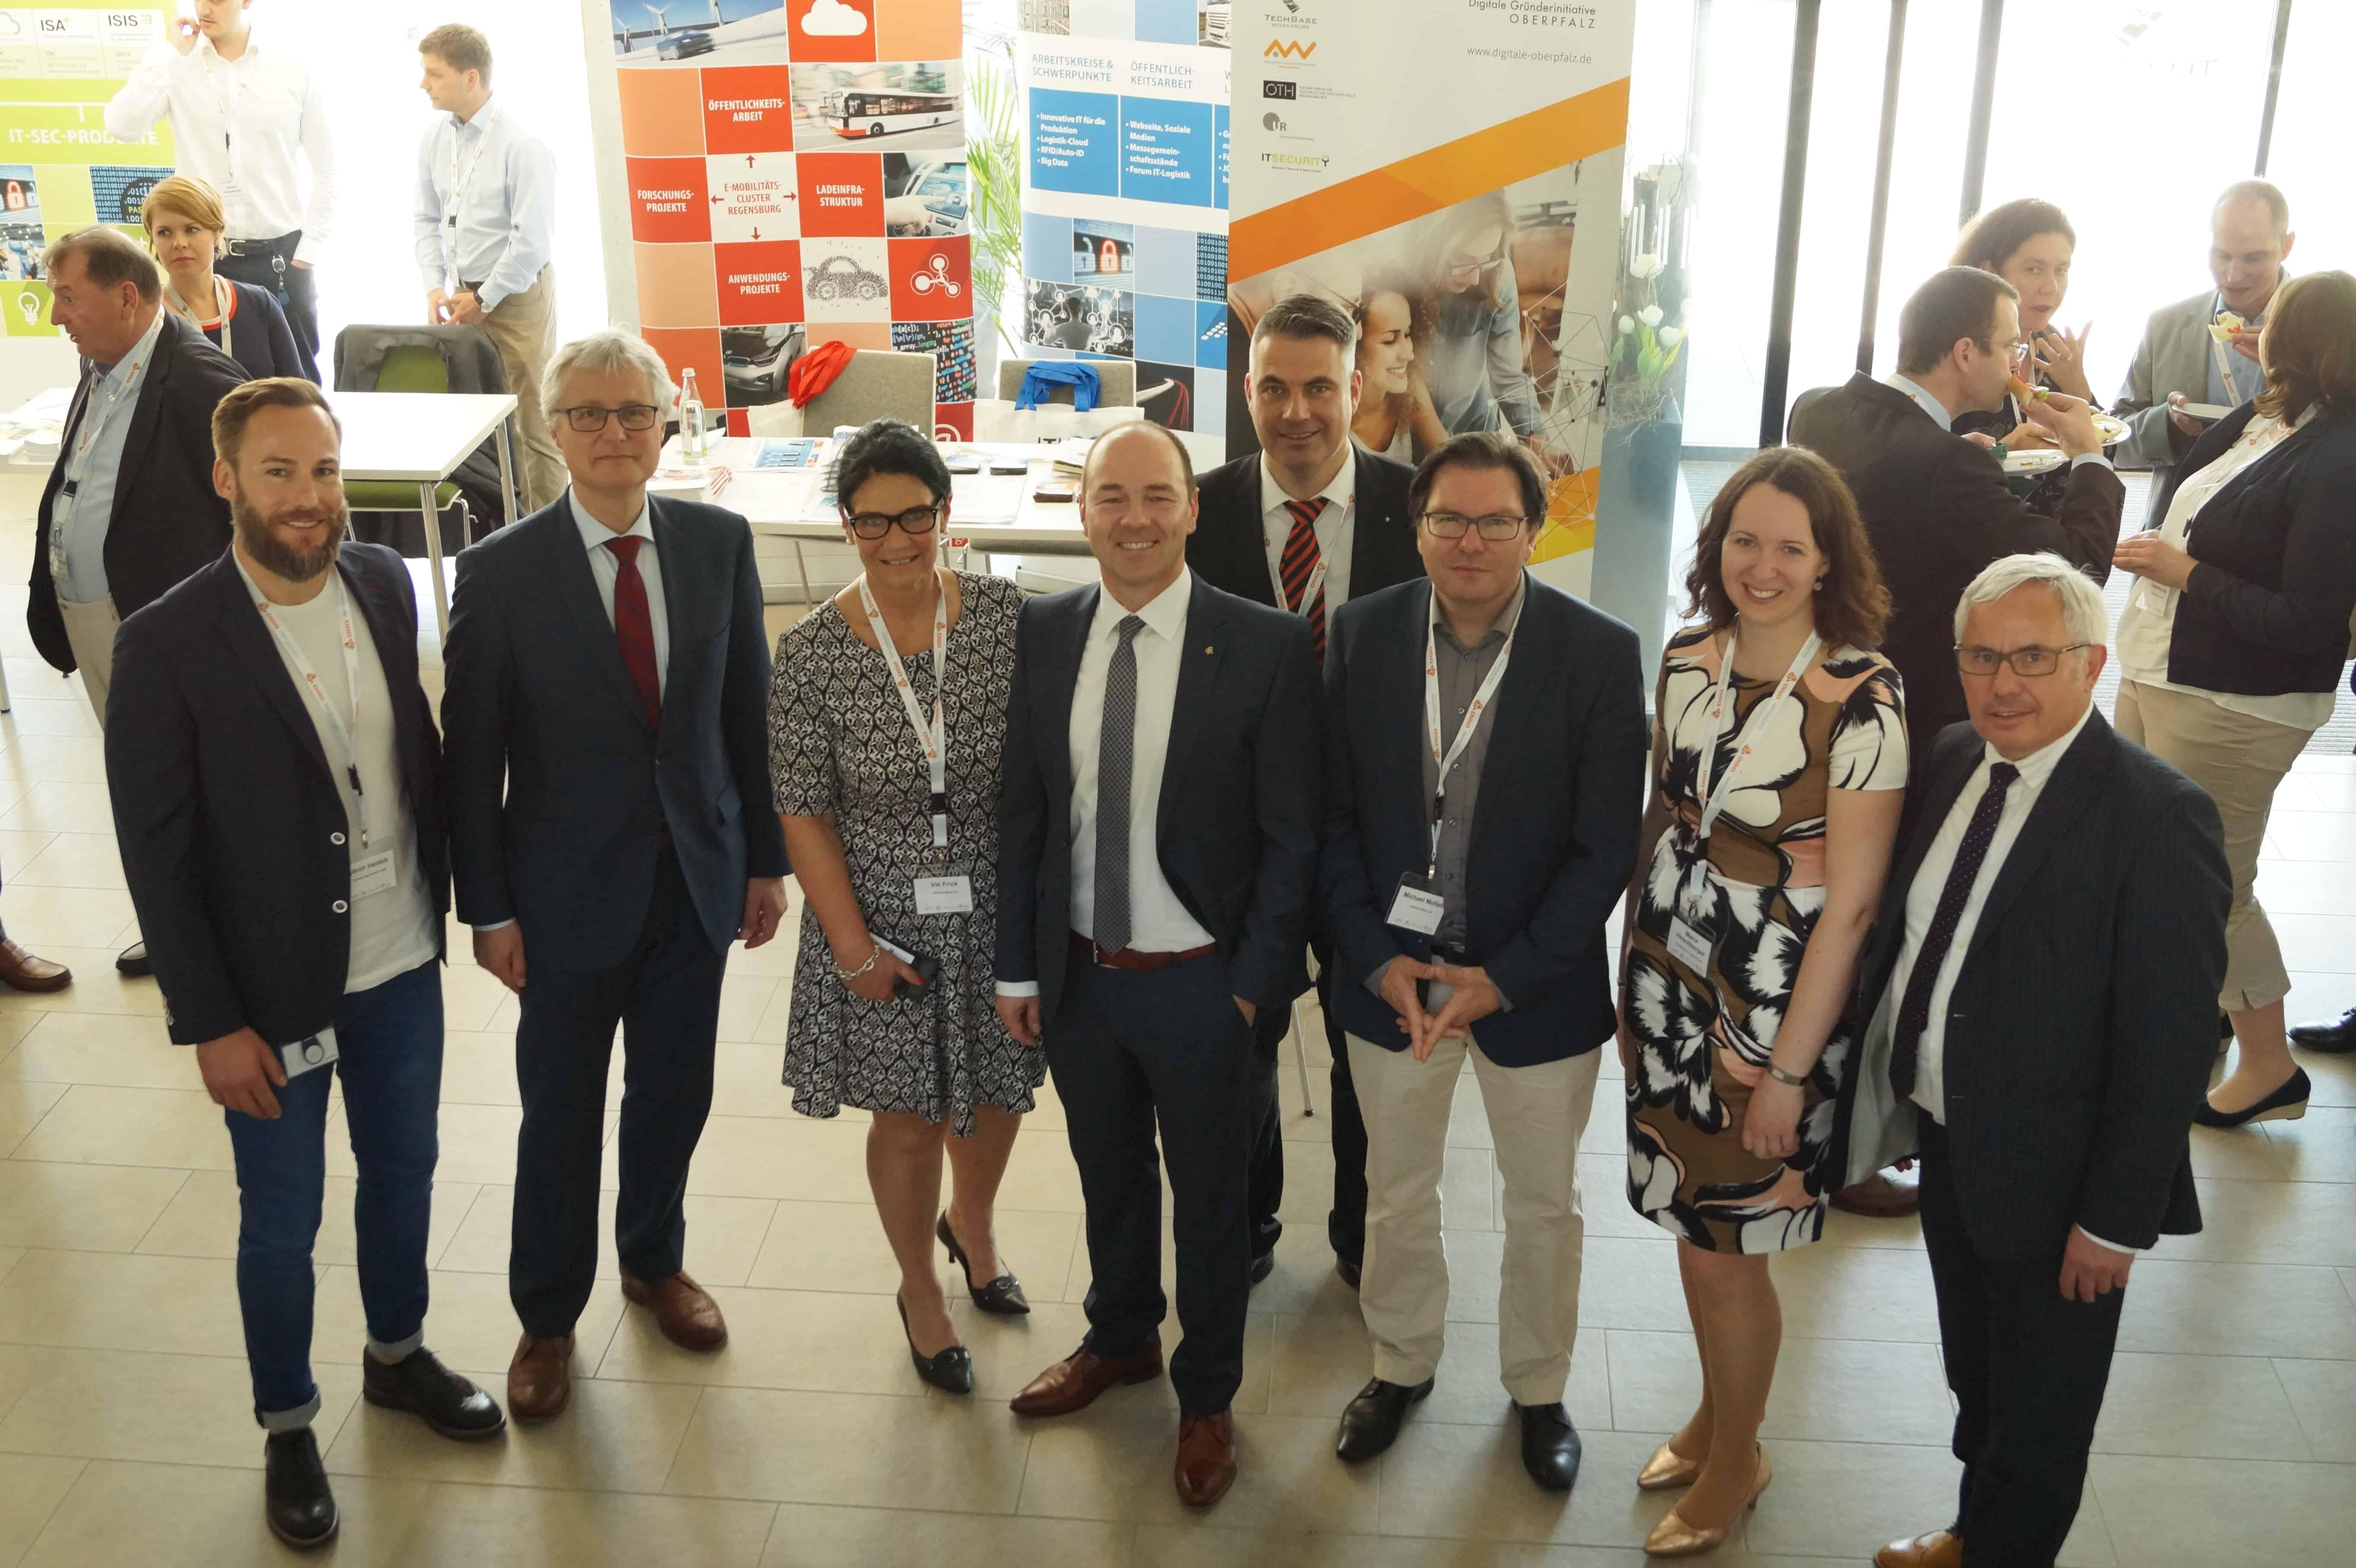 Besucherrekord beim Innovationskongress in der TechBase